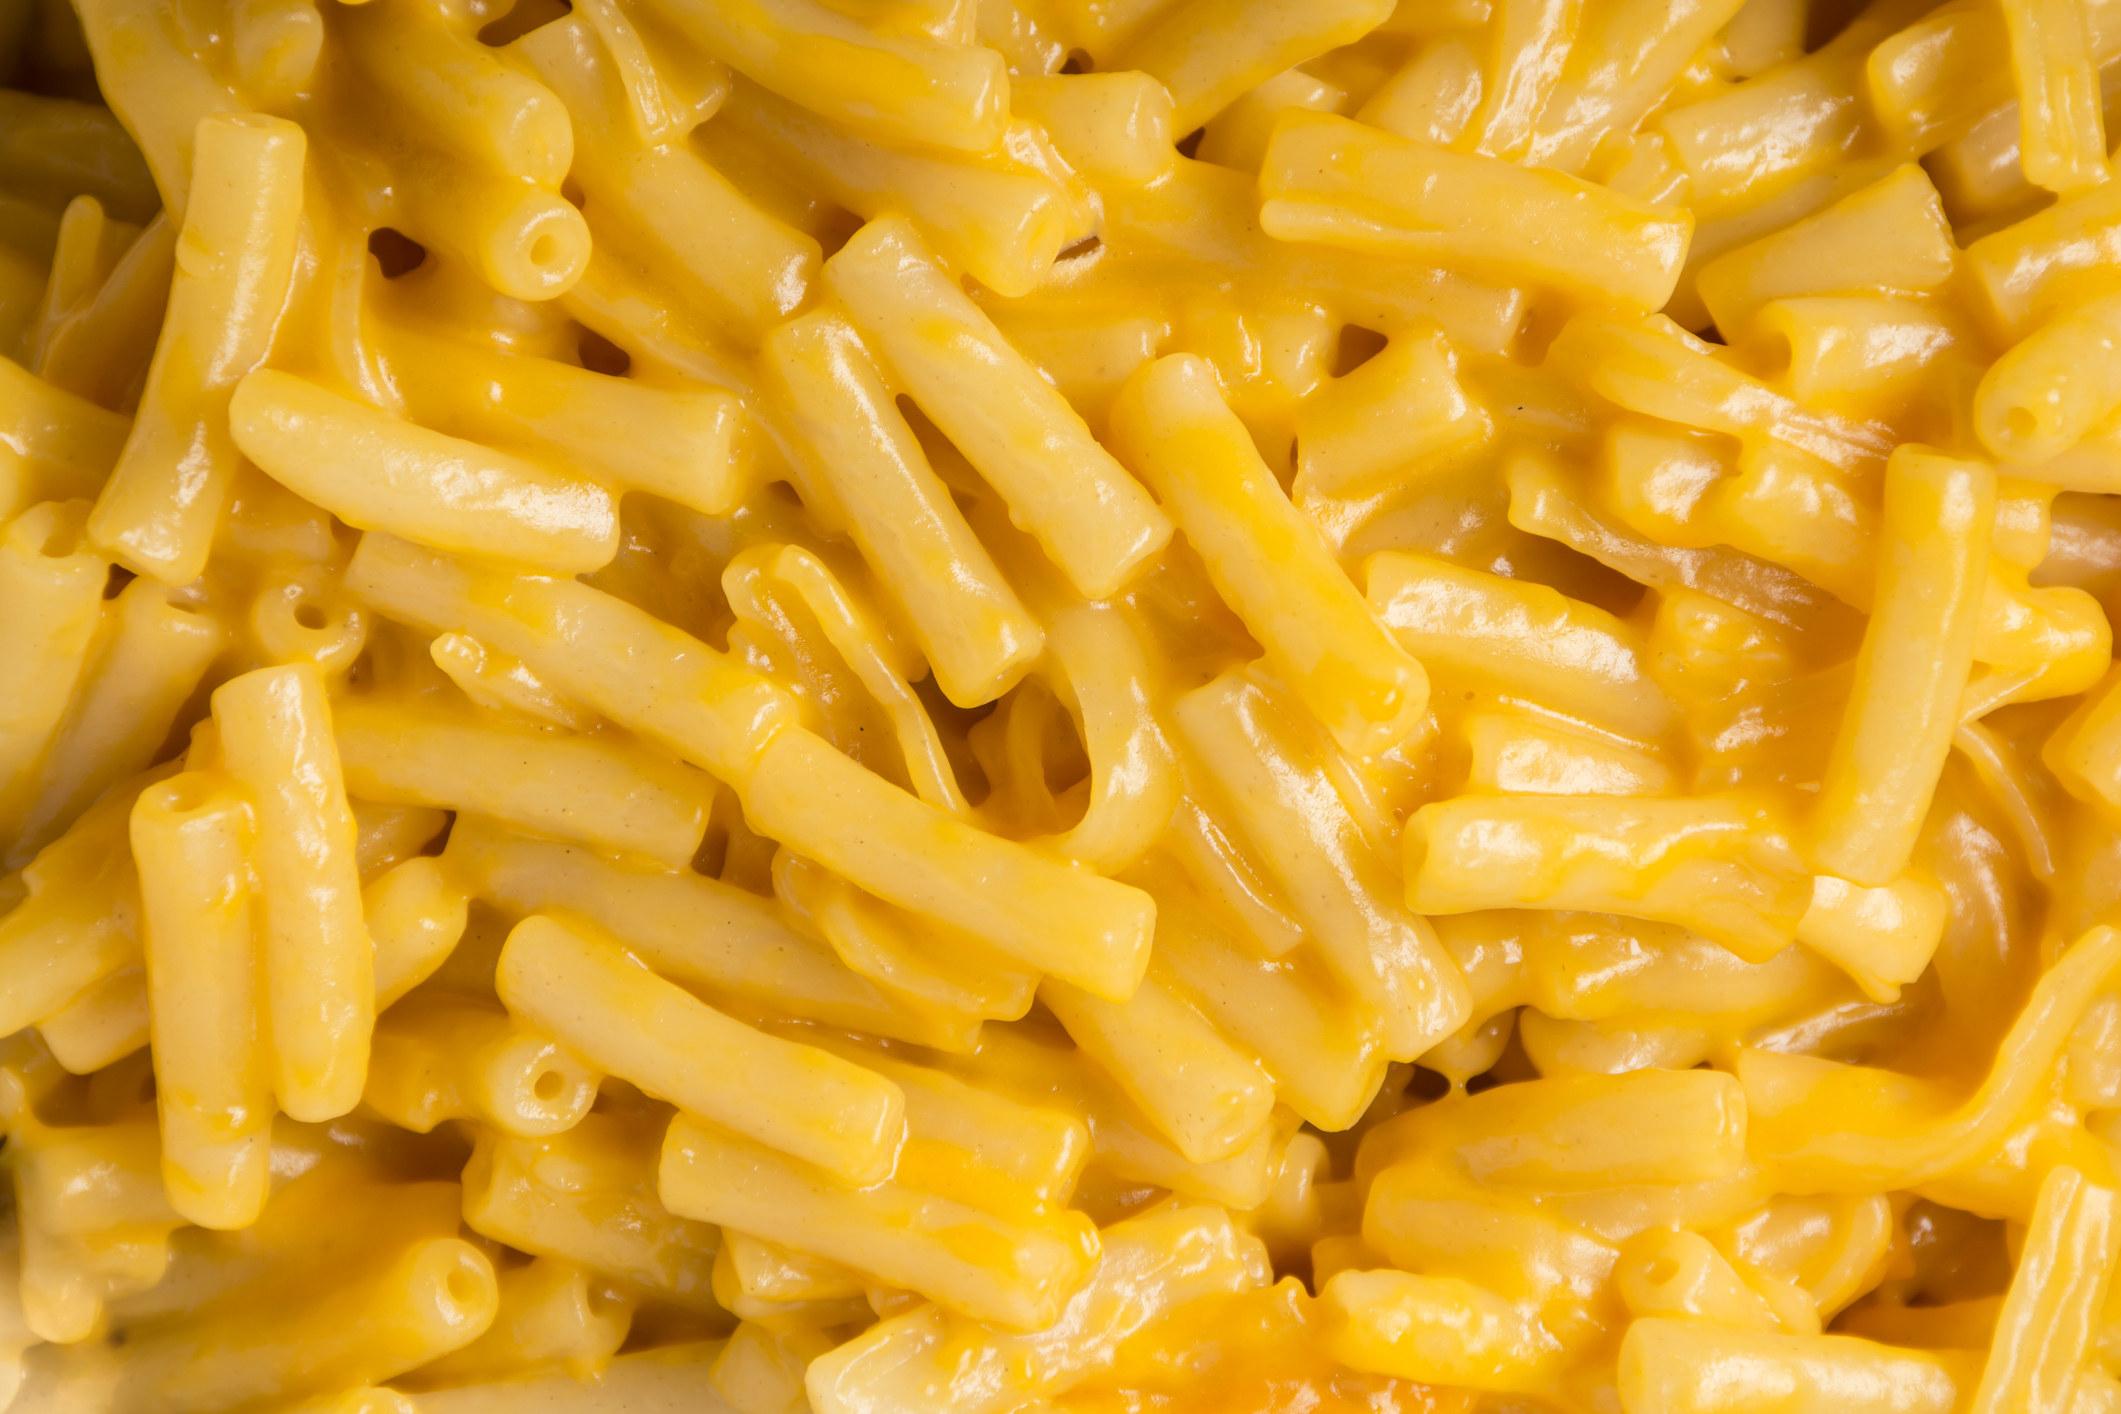 An up close photo of mac 'n' cheese.